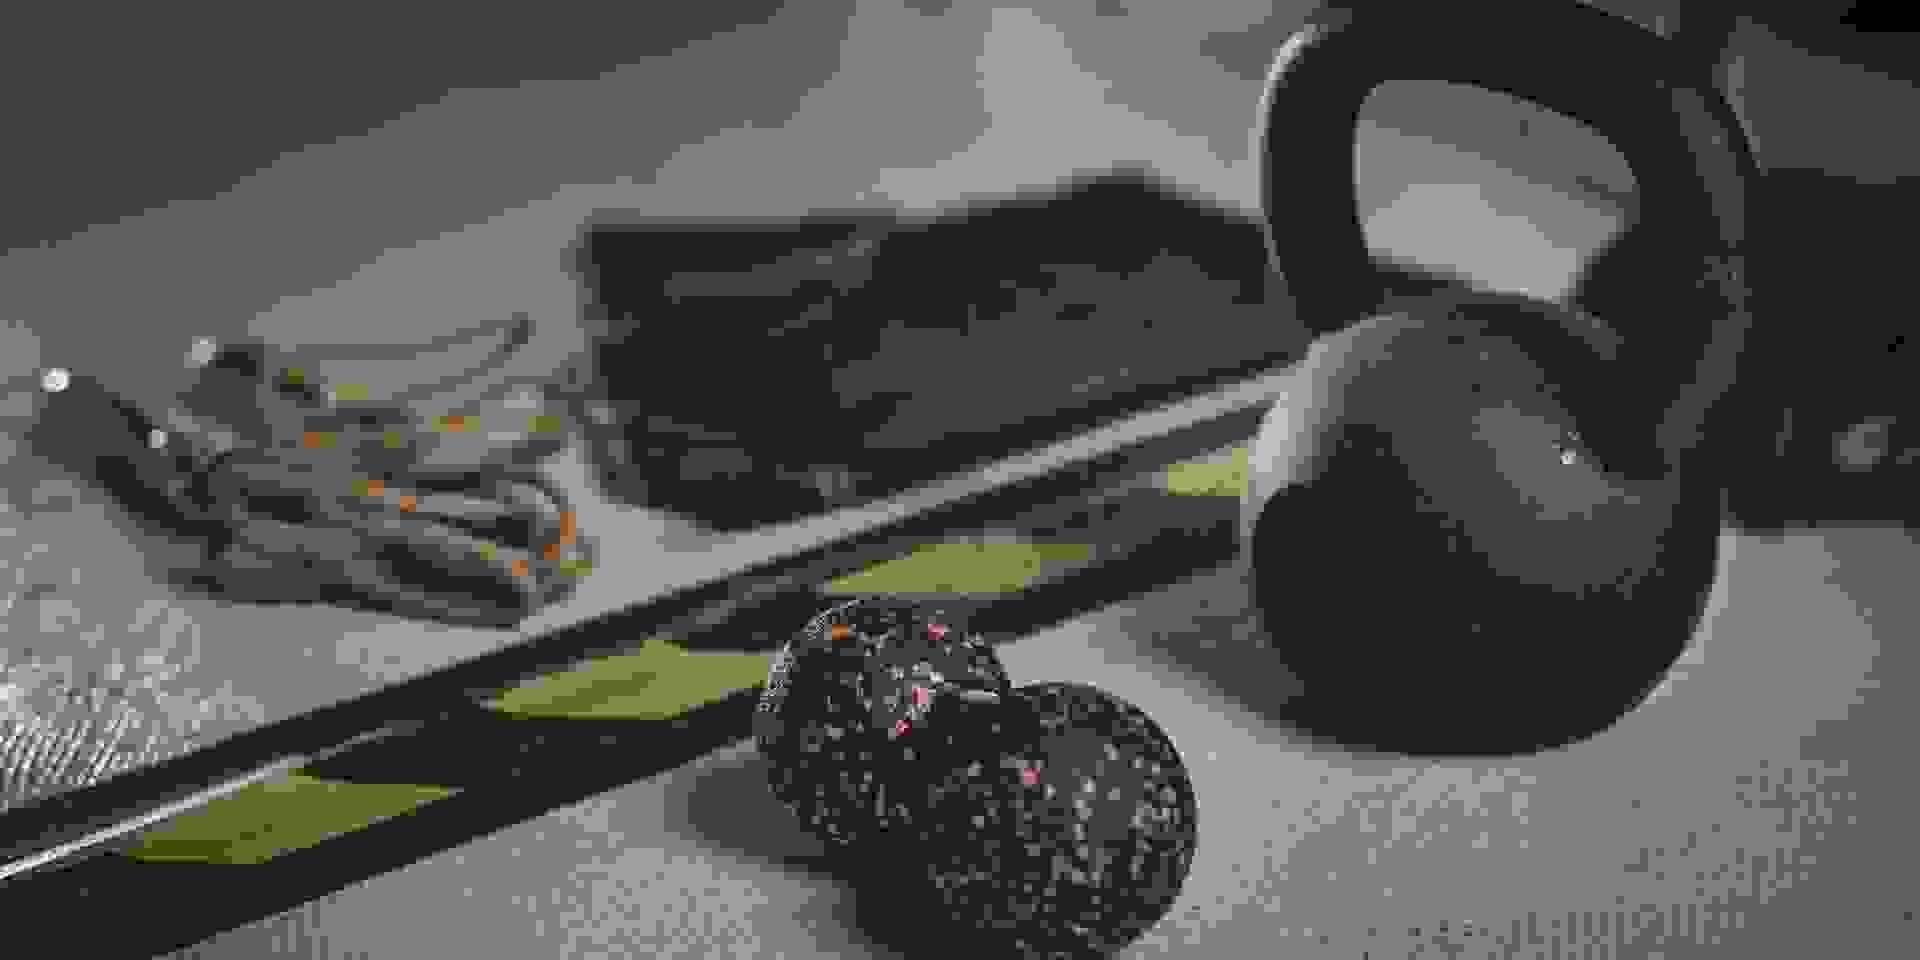 Eine Aufnahme von verschiedenen kleinen Fitnessgeräten für Zuhause